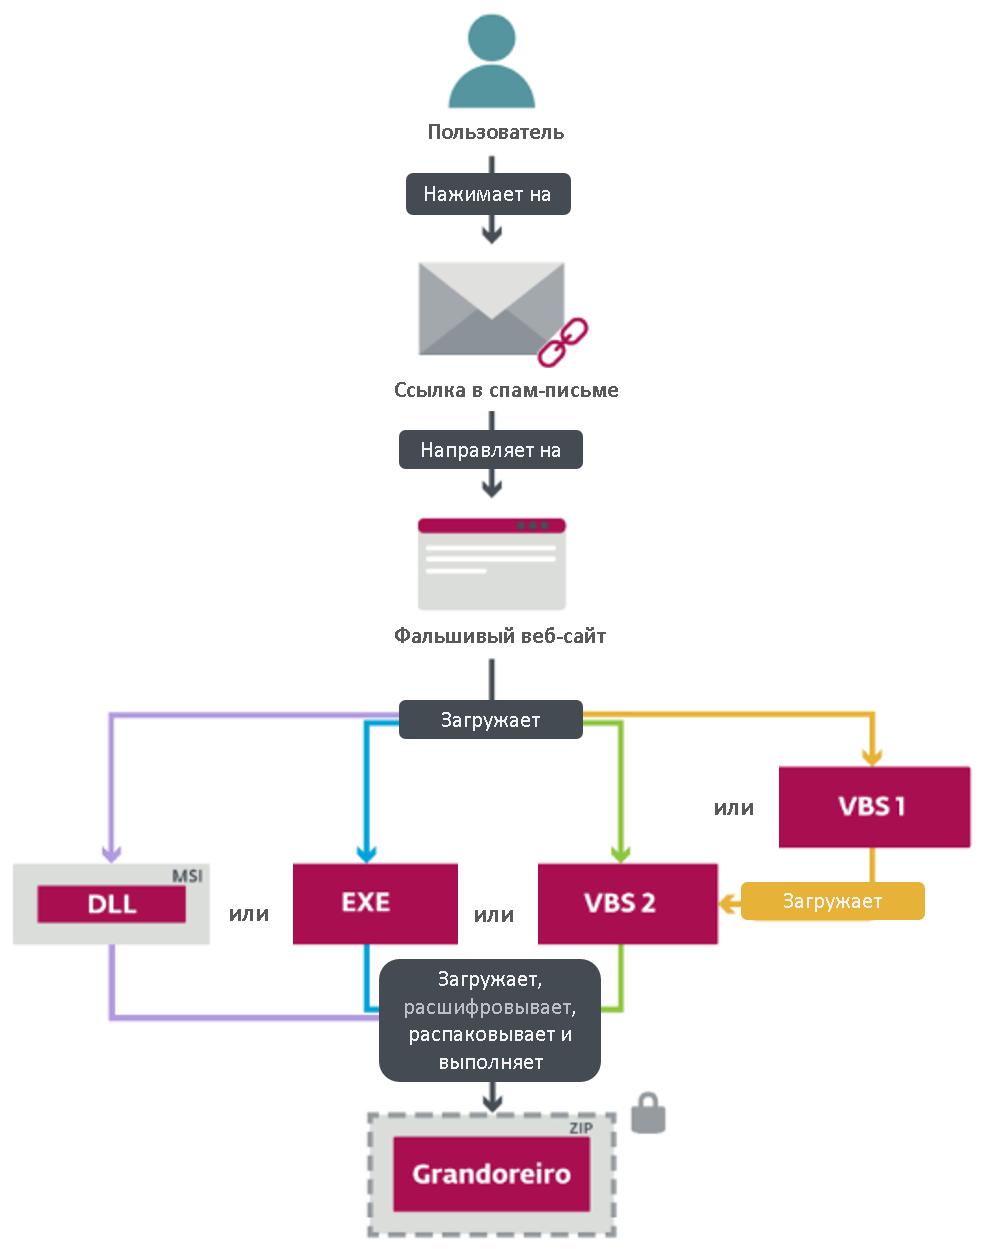 Пример заражения банковским трояном Grandoreiro – исследование ESET.